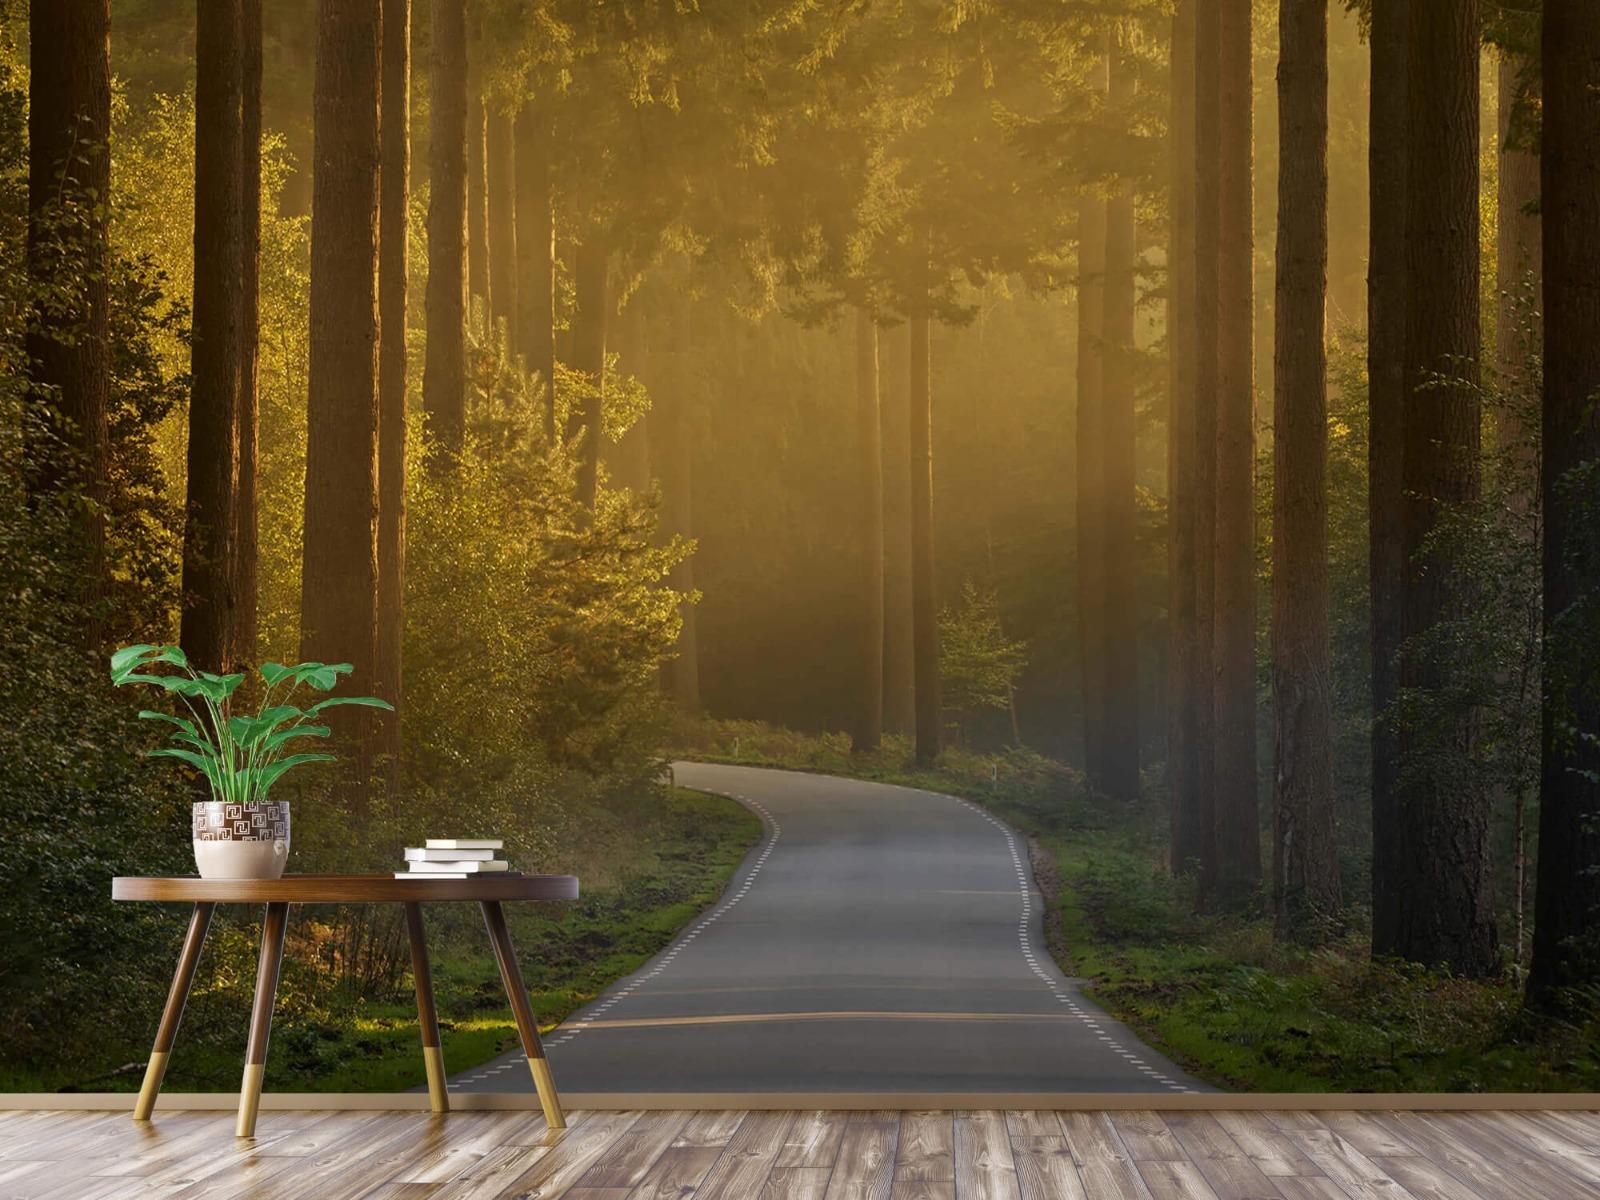 Natuur - Zonsopkomst bij weg door het bos 6